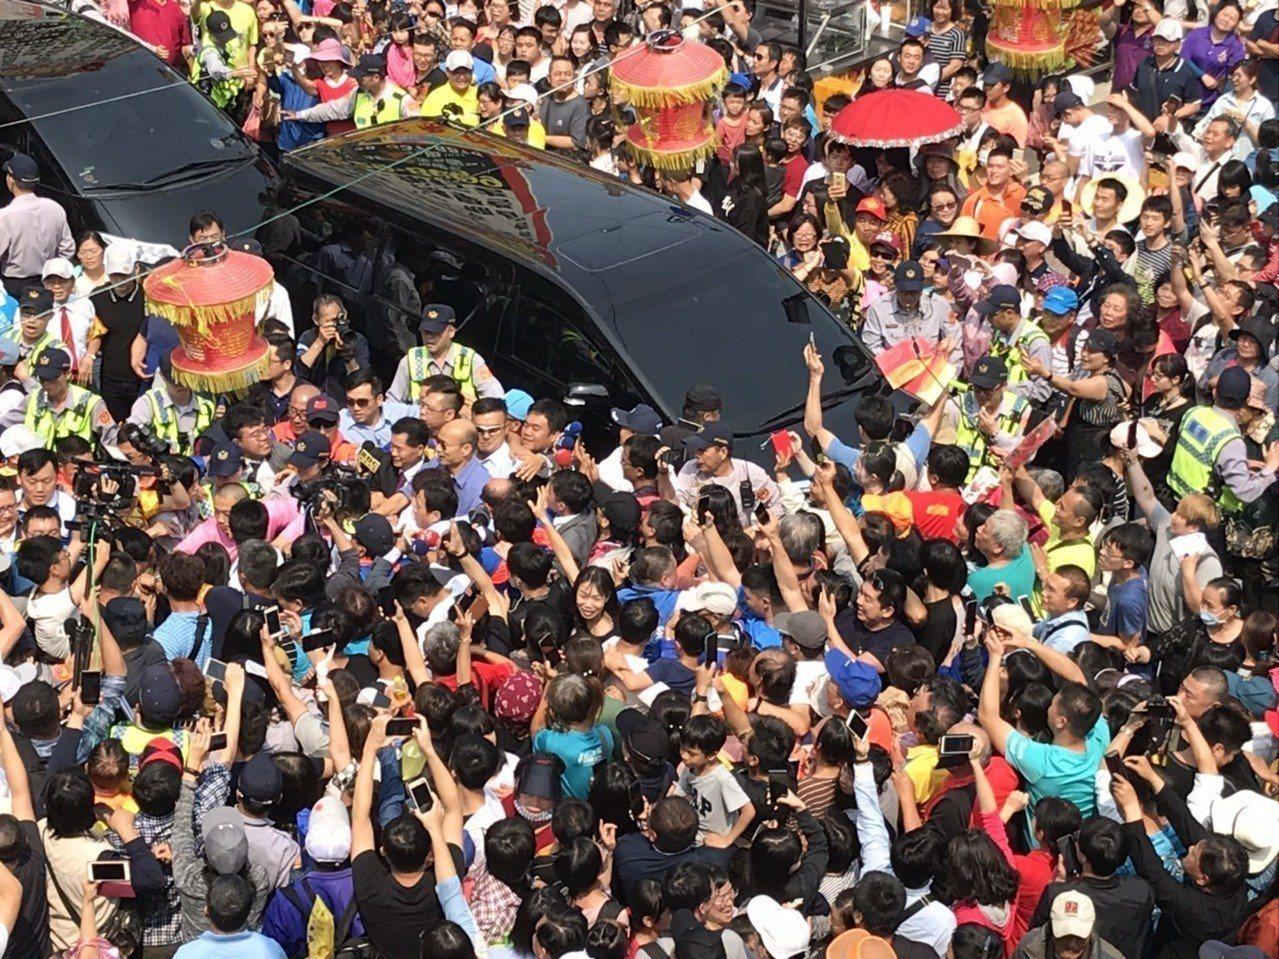 高雄市長韓國瑜被群眾包圍得密密麻麻,幾乎動彈不得。圖/台中巿文化局提供